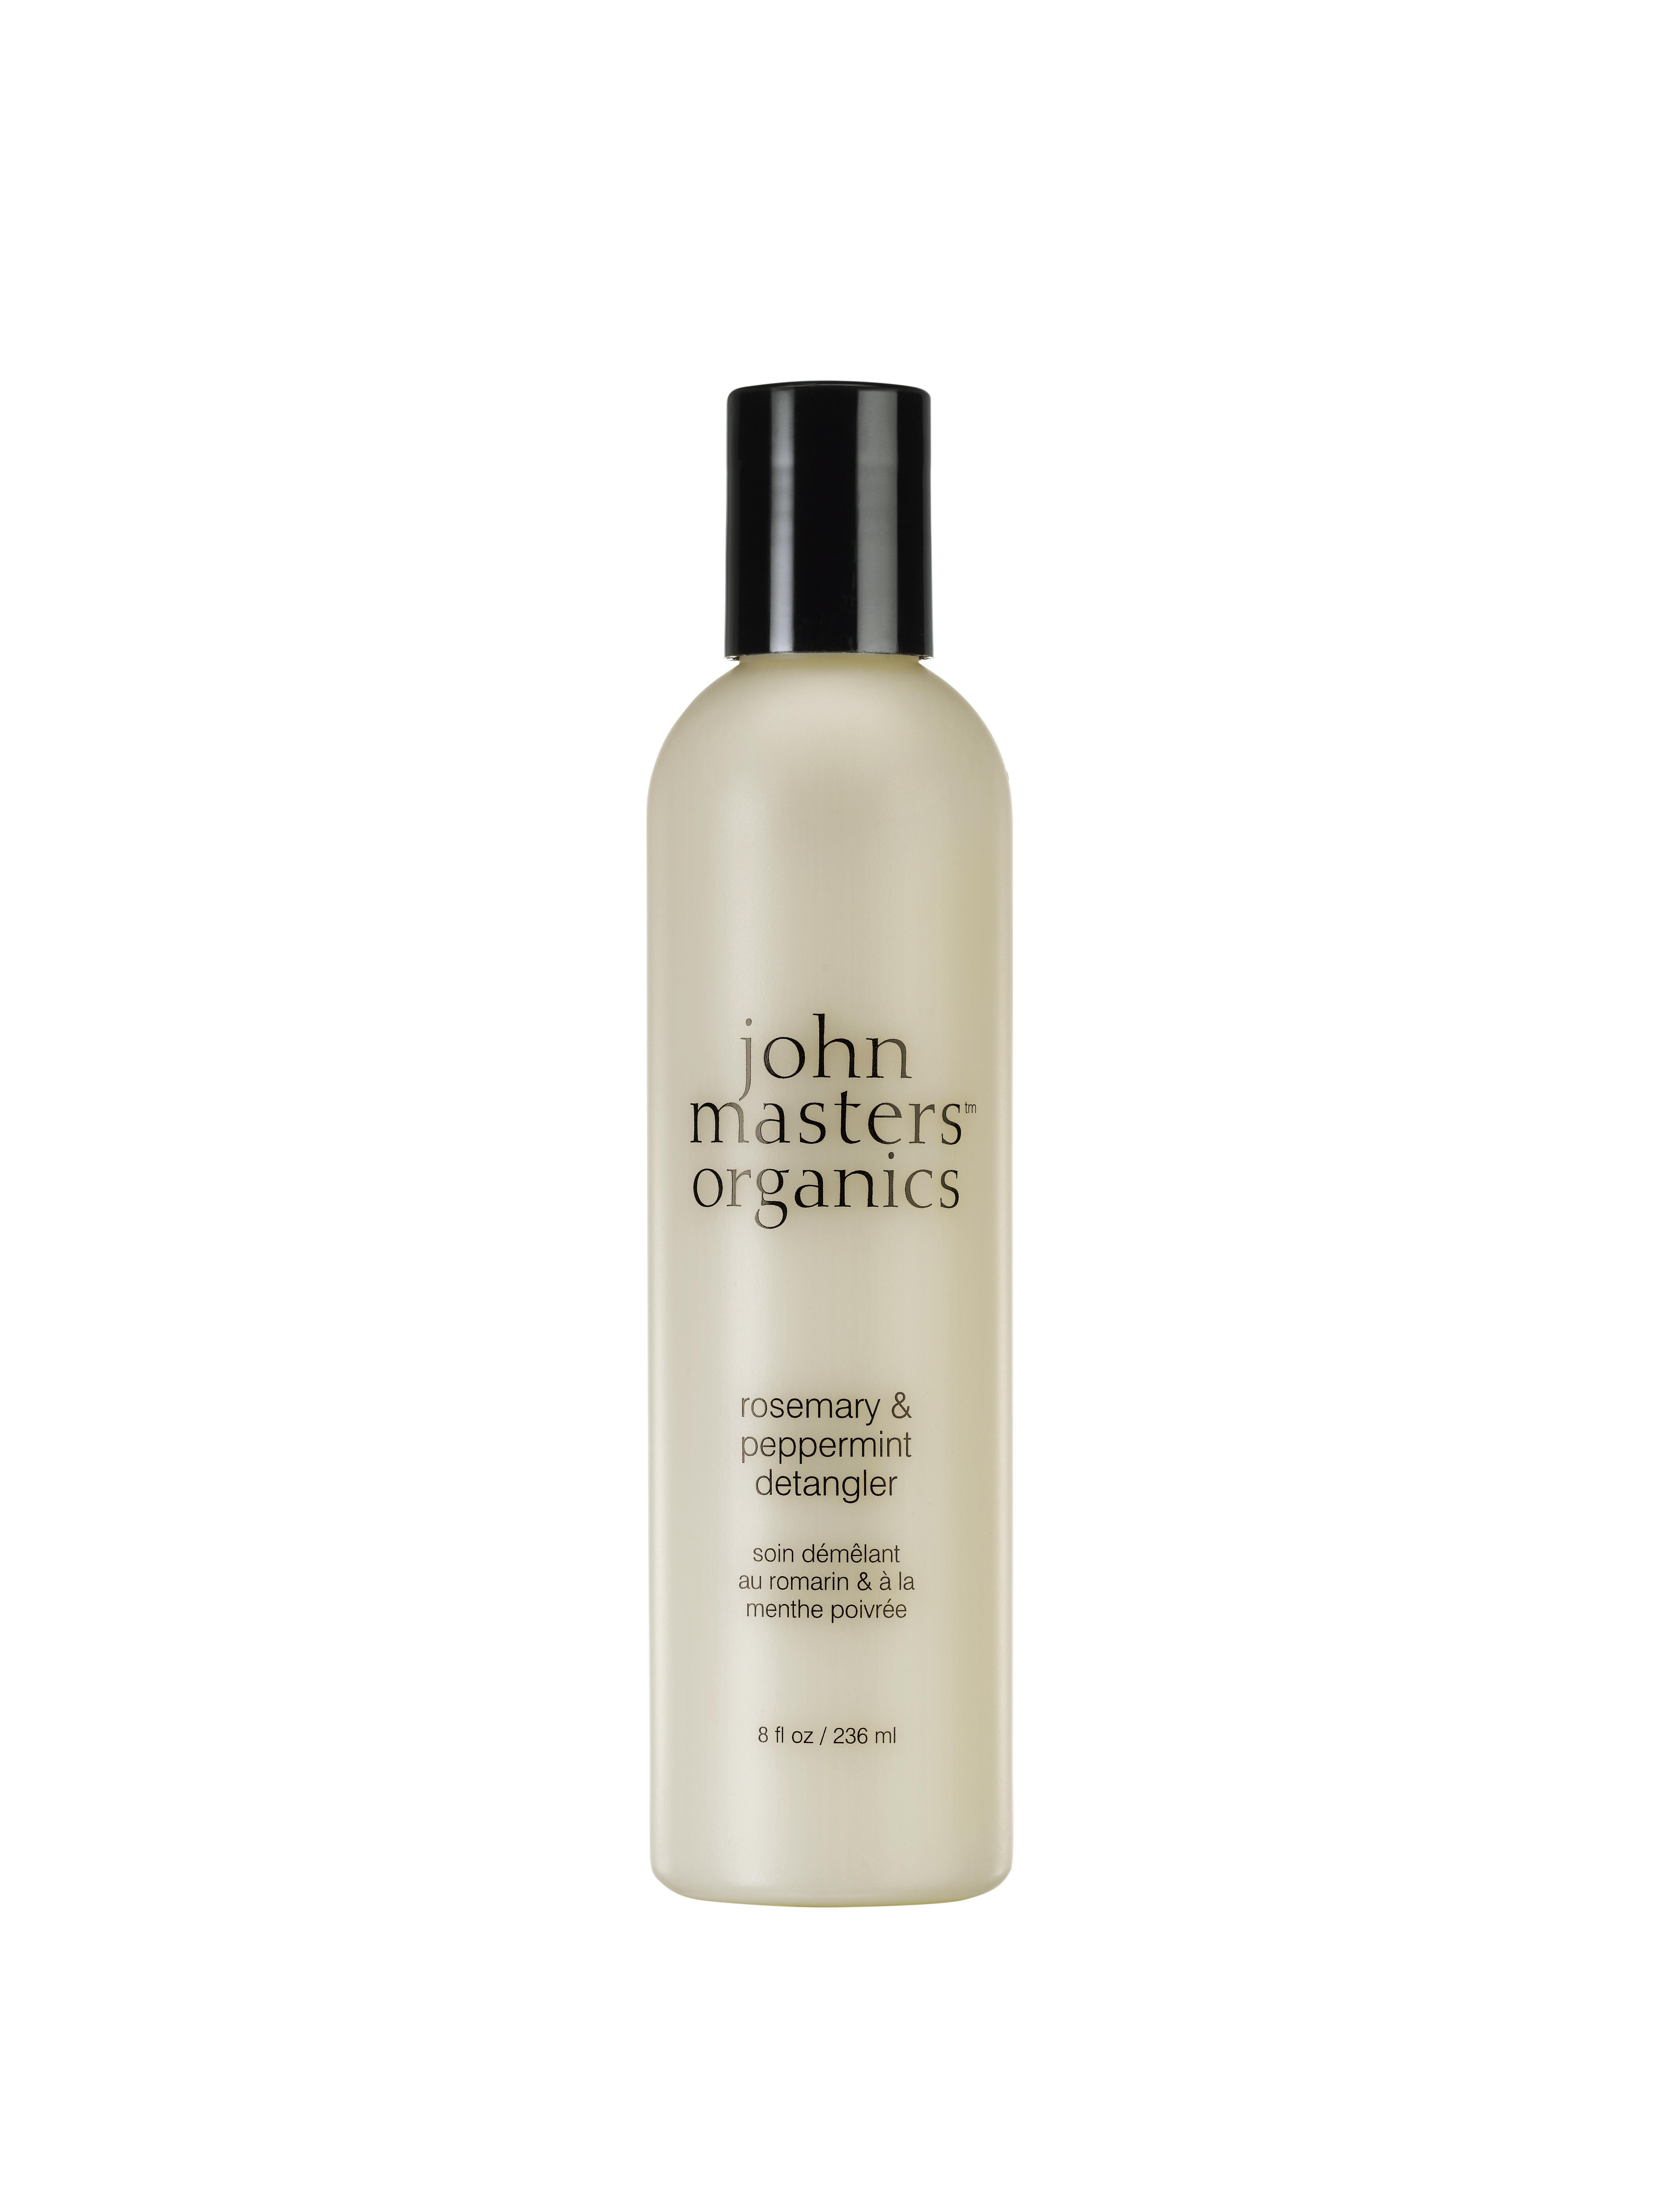 John Masters Organics Rosemary & Peppermint Detangler, 236 ml